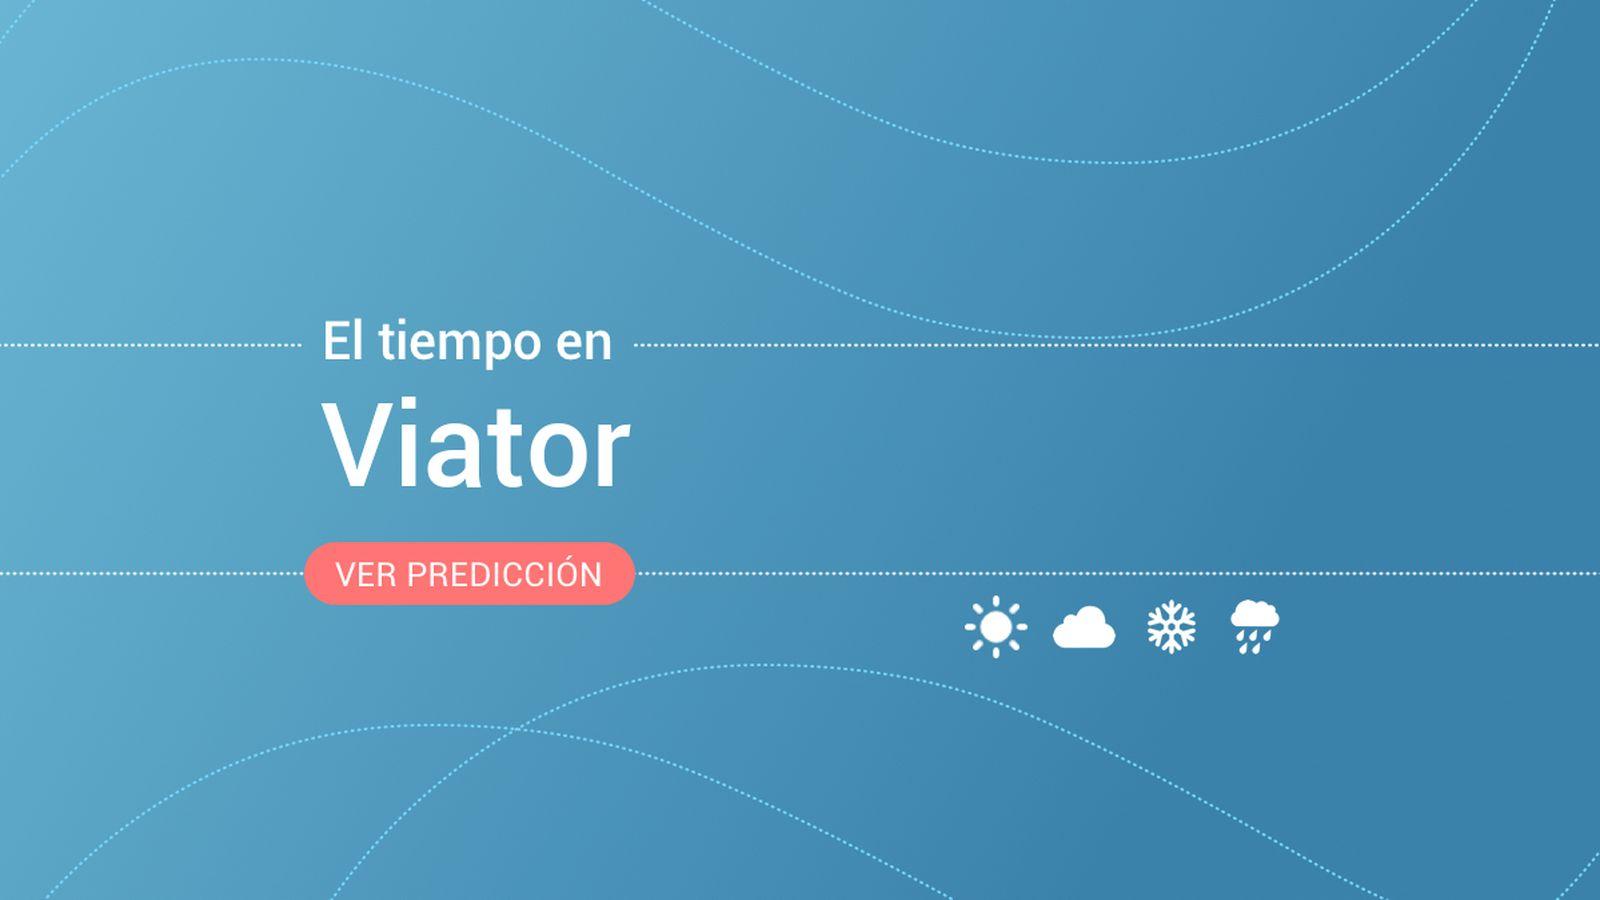 Foto: El tiempo en Viator. (EC)